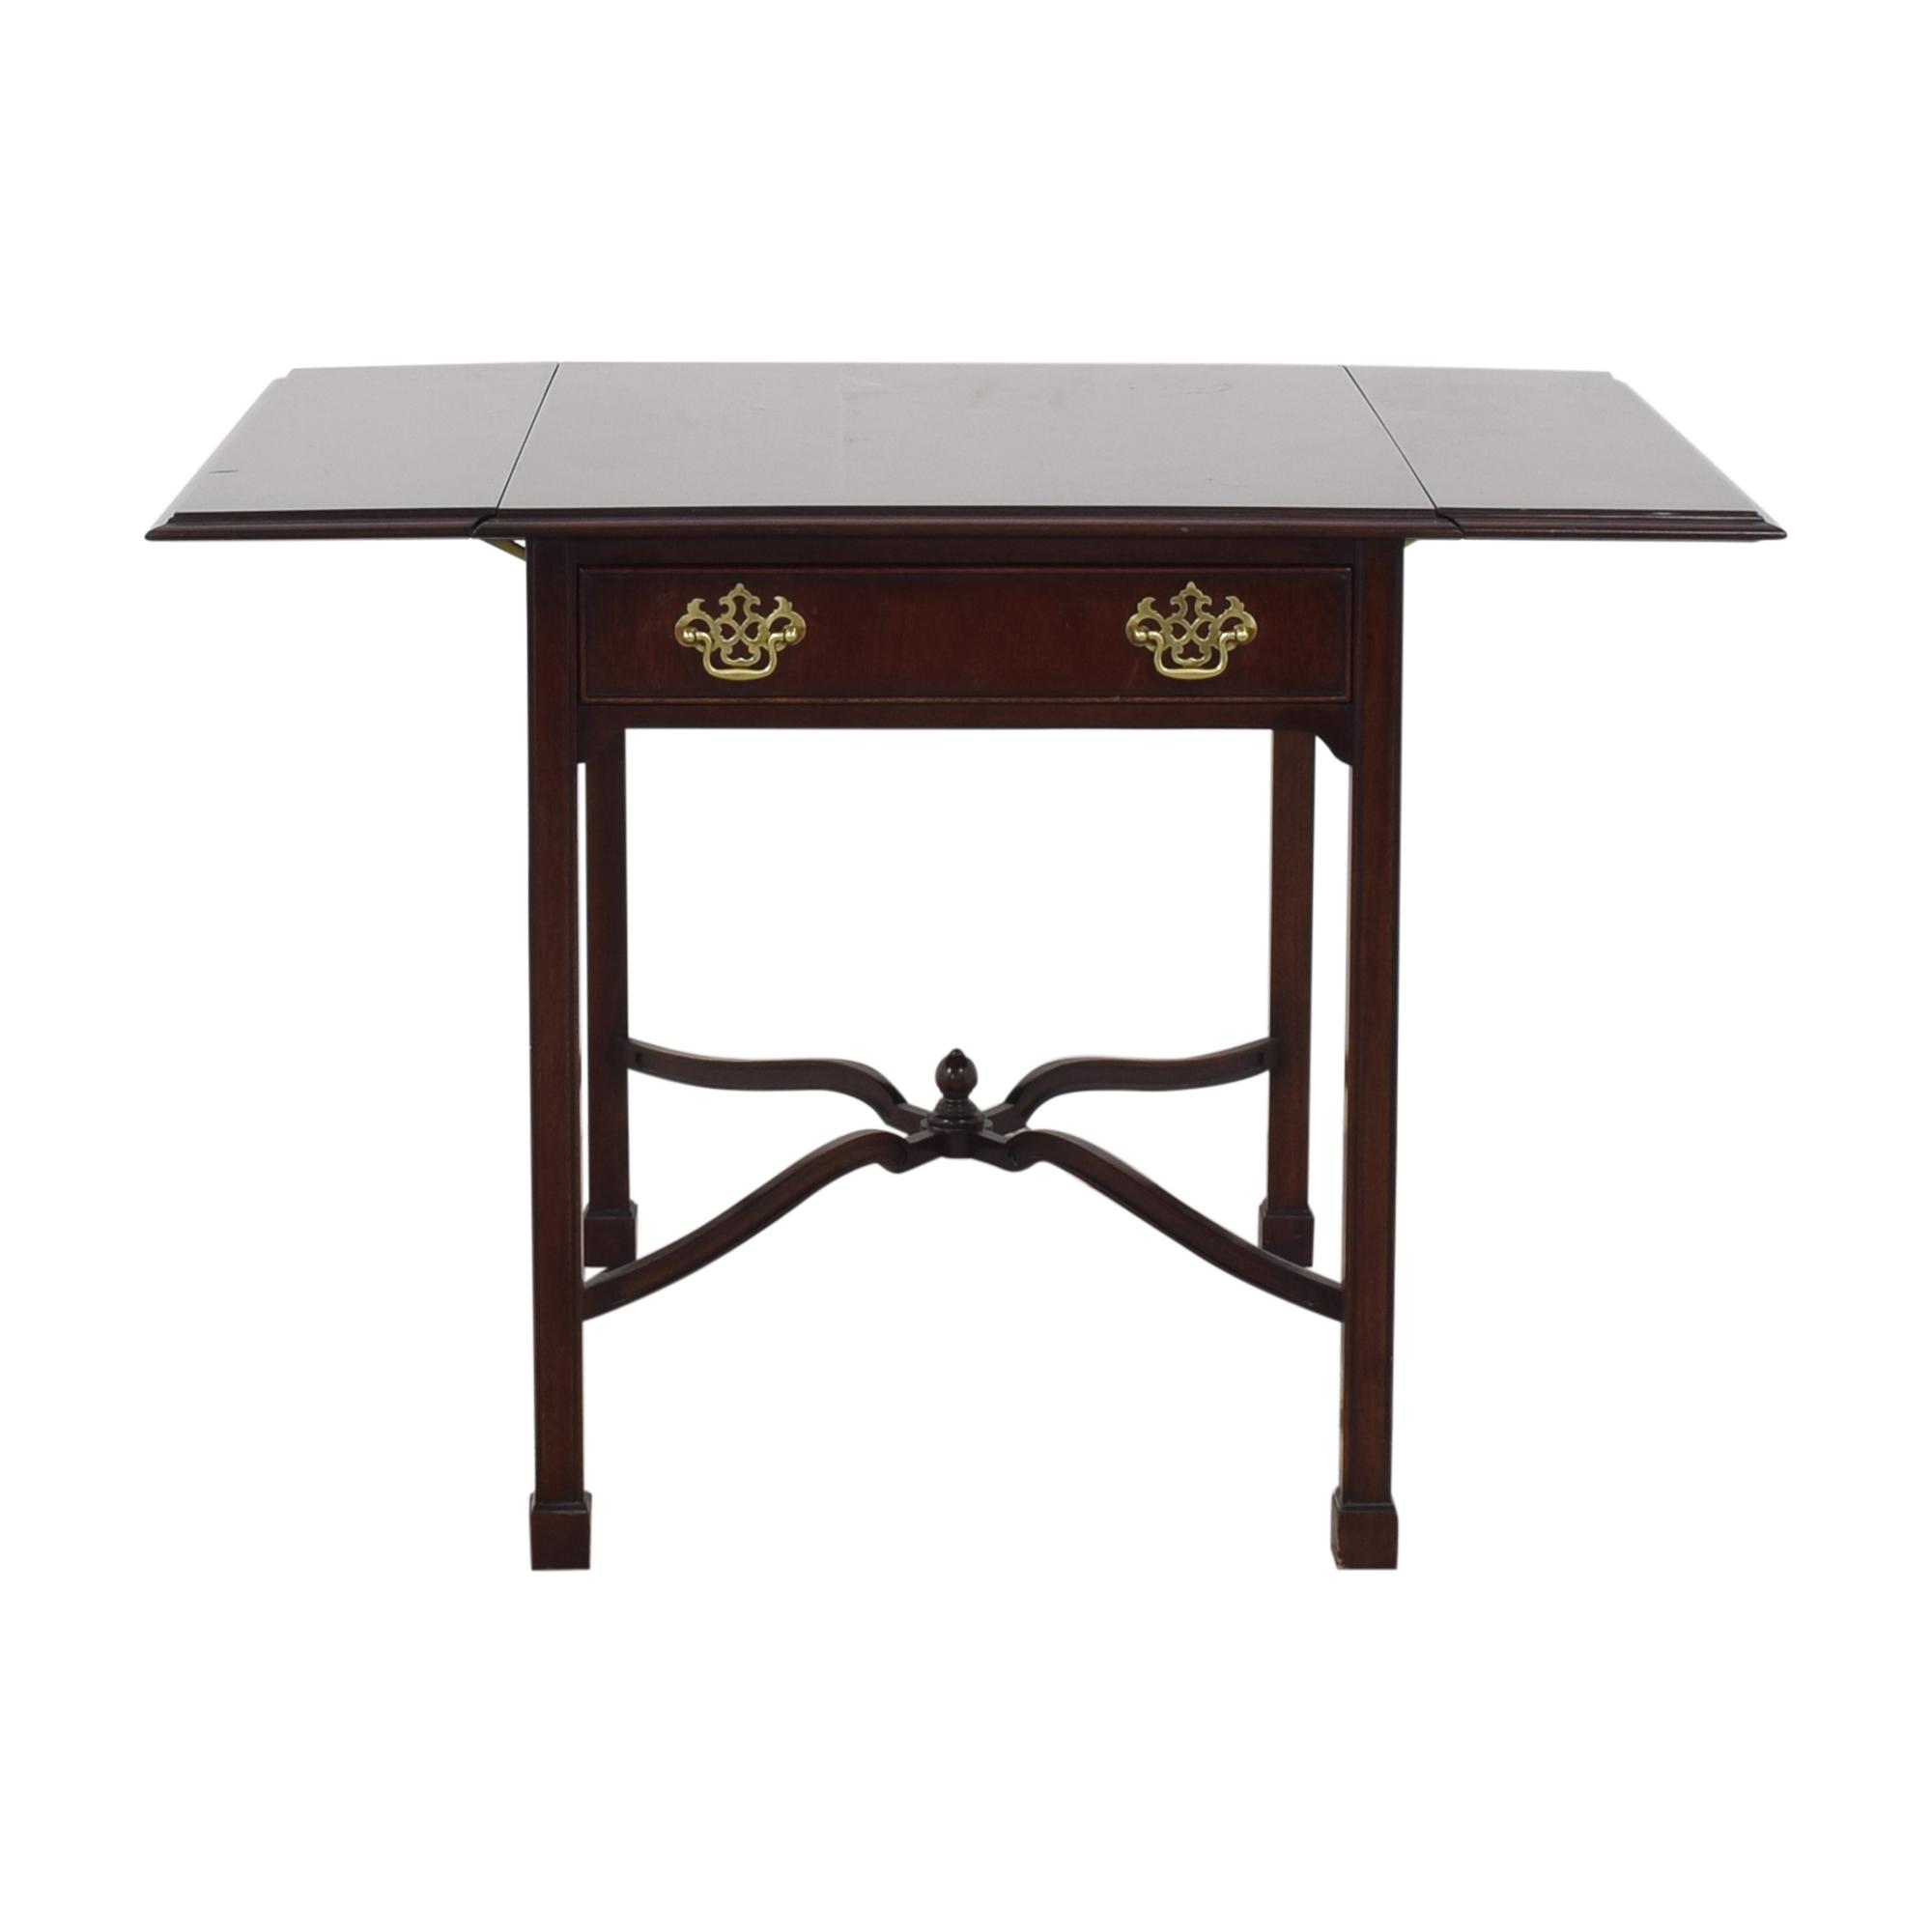 Kindel Kindel Drop-Leaf End Table